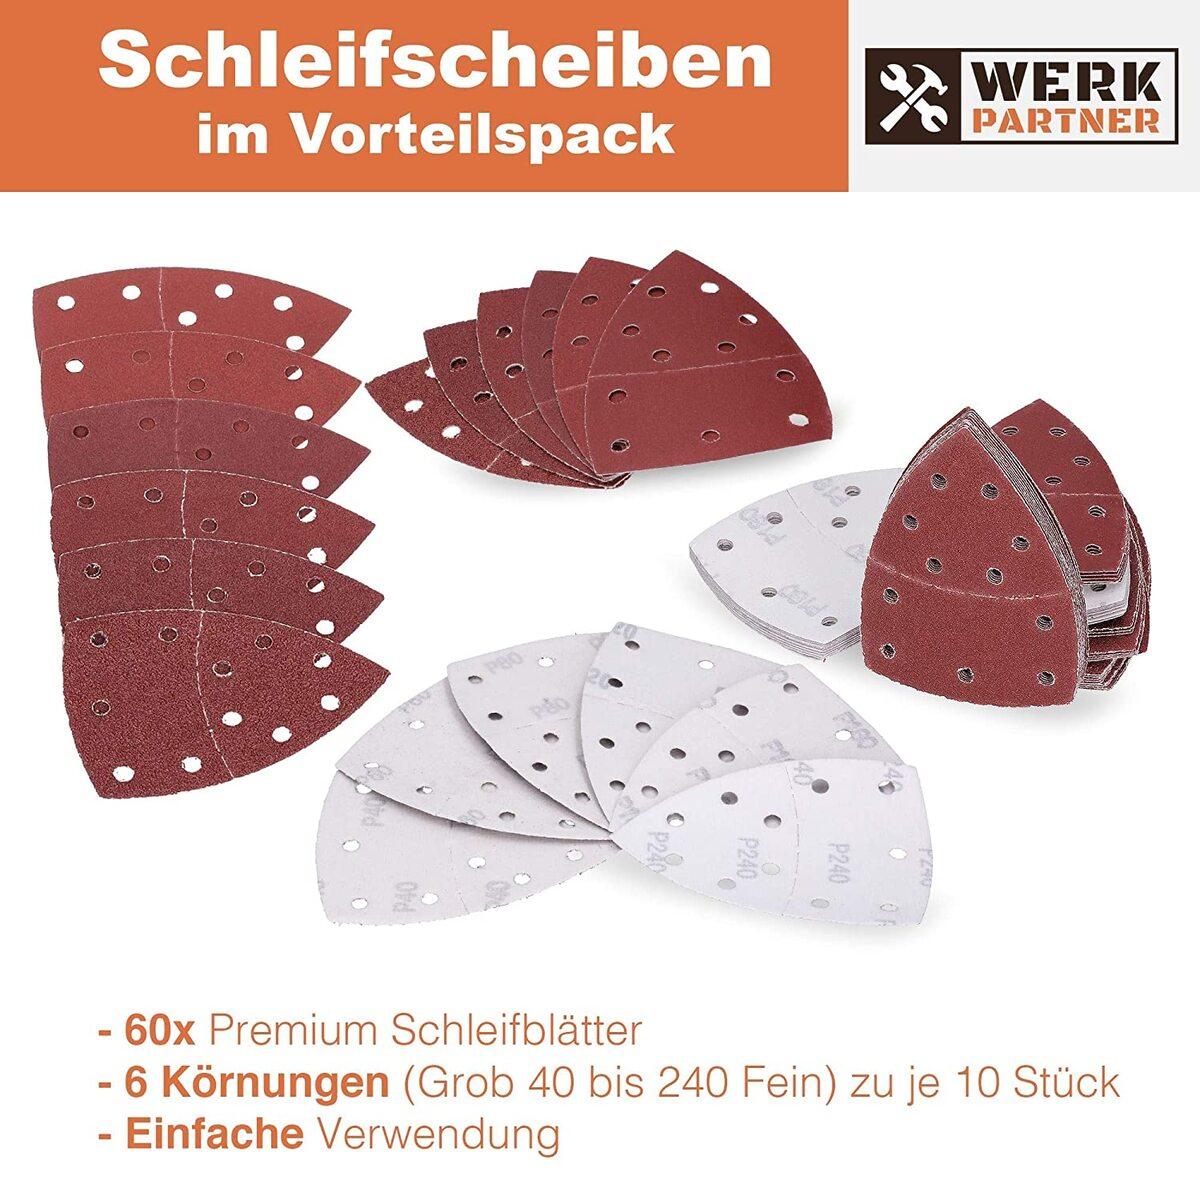 Bild 3 von Werk-Partner Dreieck Schleifscheiben 105x152mm - 60er Set Deltaschleifer Schleifpapier Klett für Holz, Kunststoff, Gips - je 10 x Körnung 40/60/80/120/180/240 für Deltaschleifer & Multischleifer